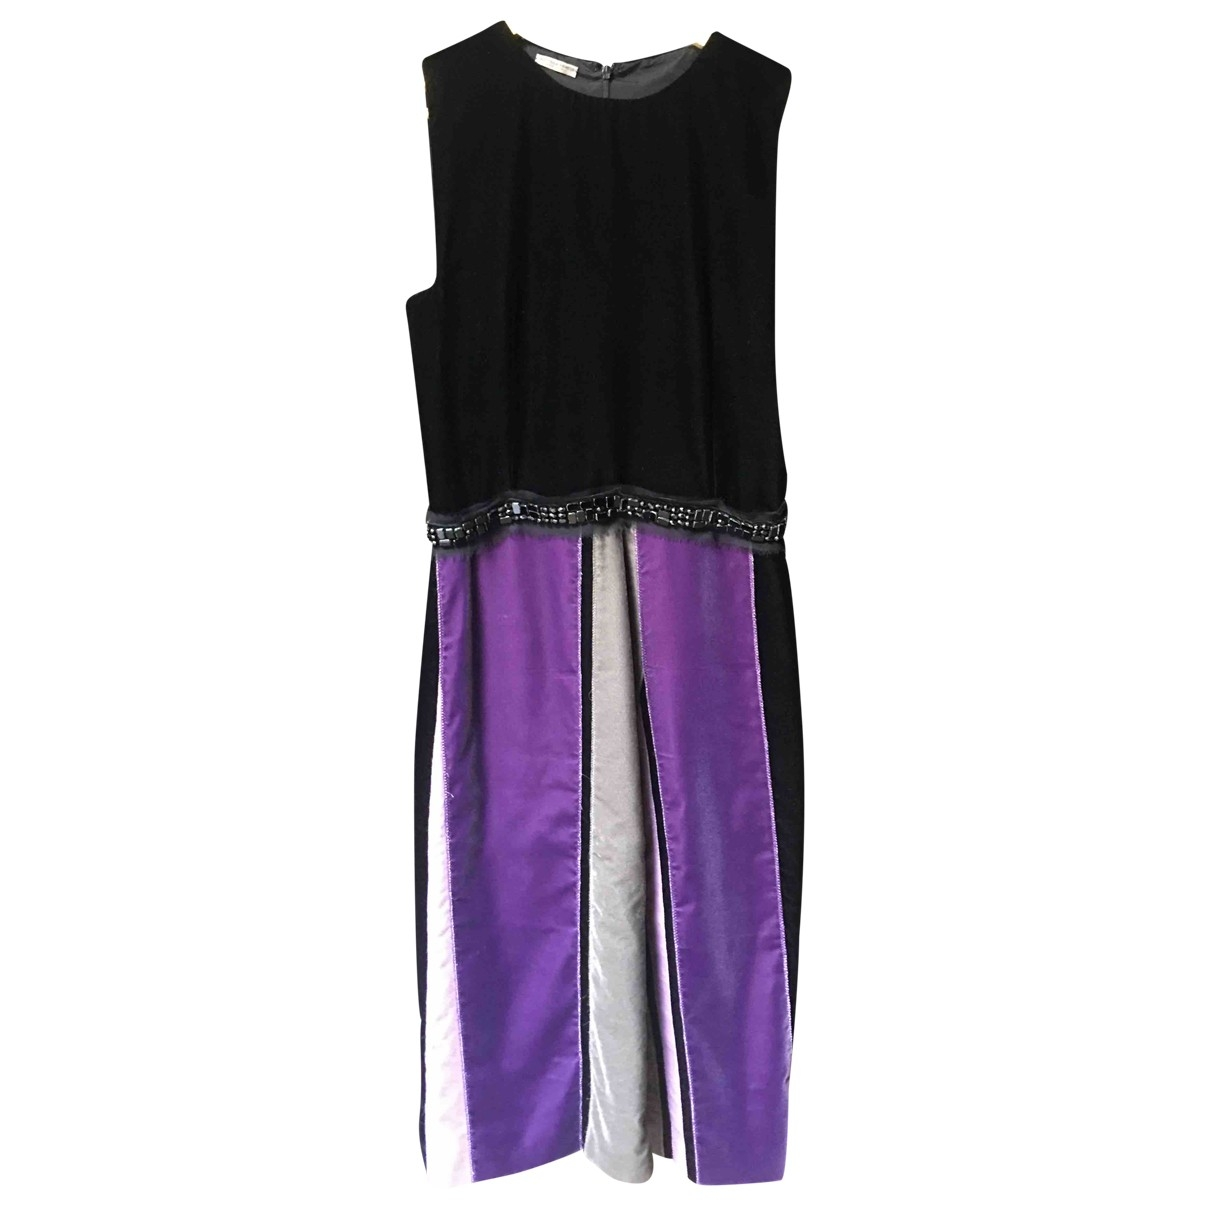 Bottega Veneta \N Black Velvet dress for Women 42 IT